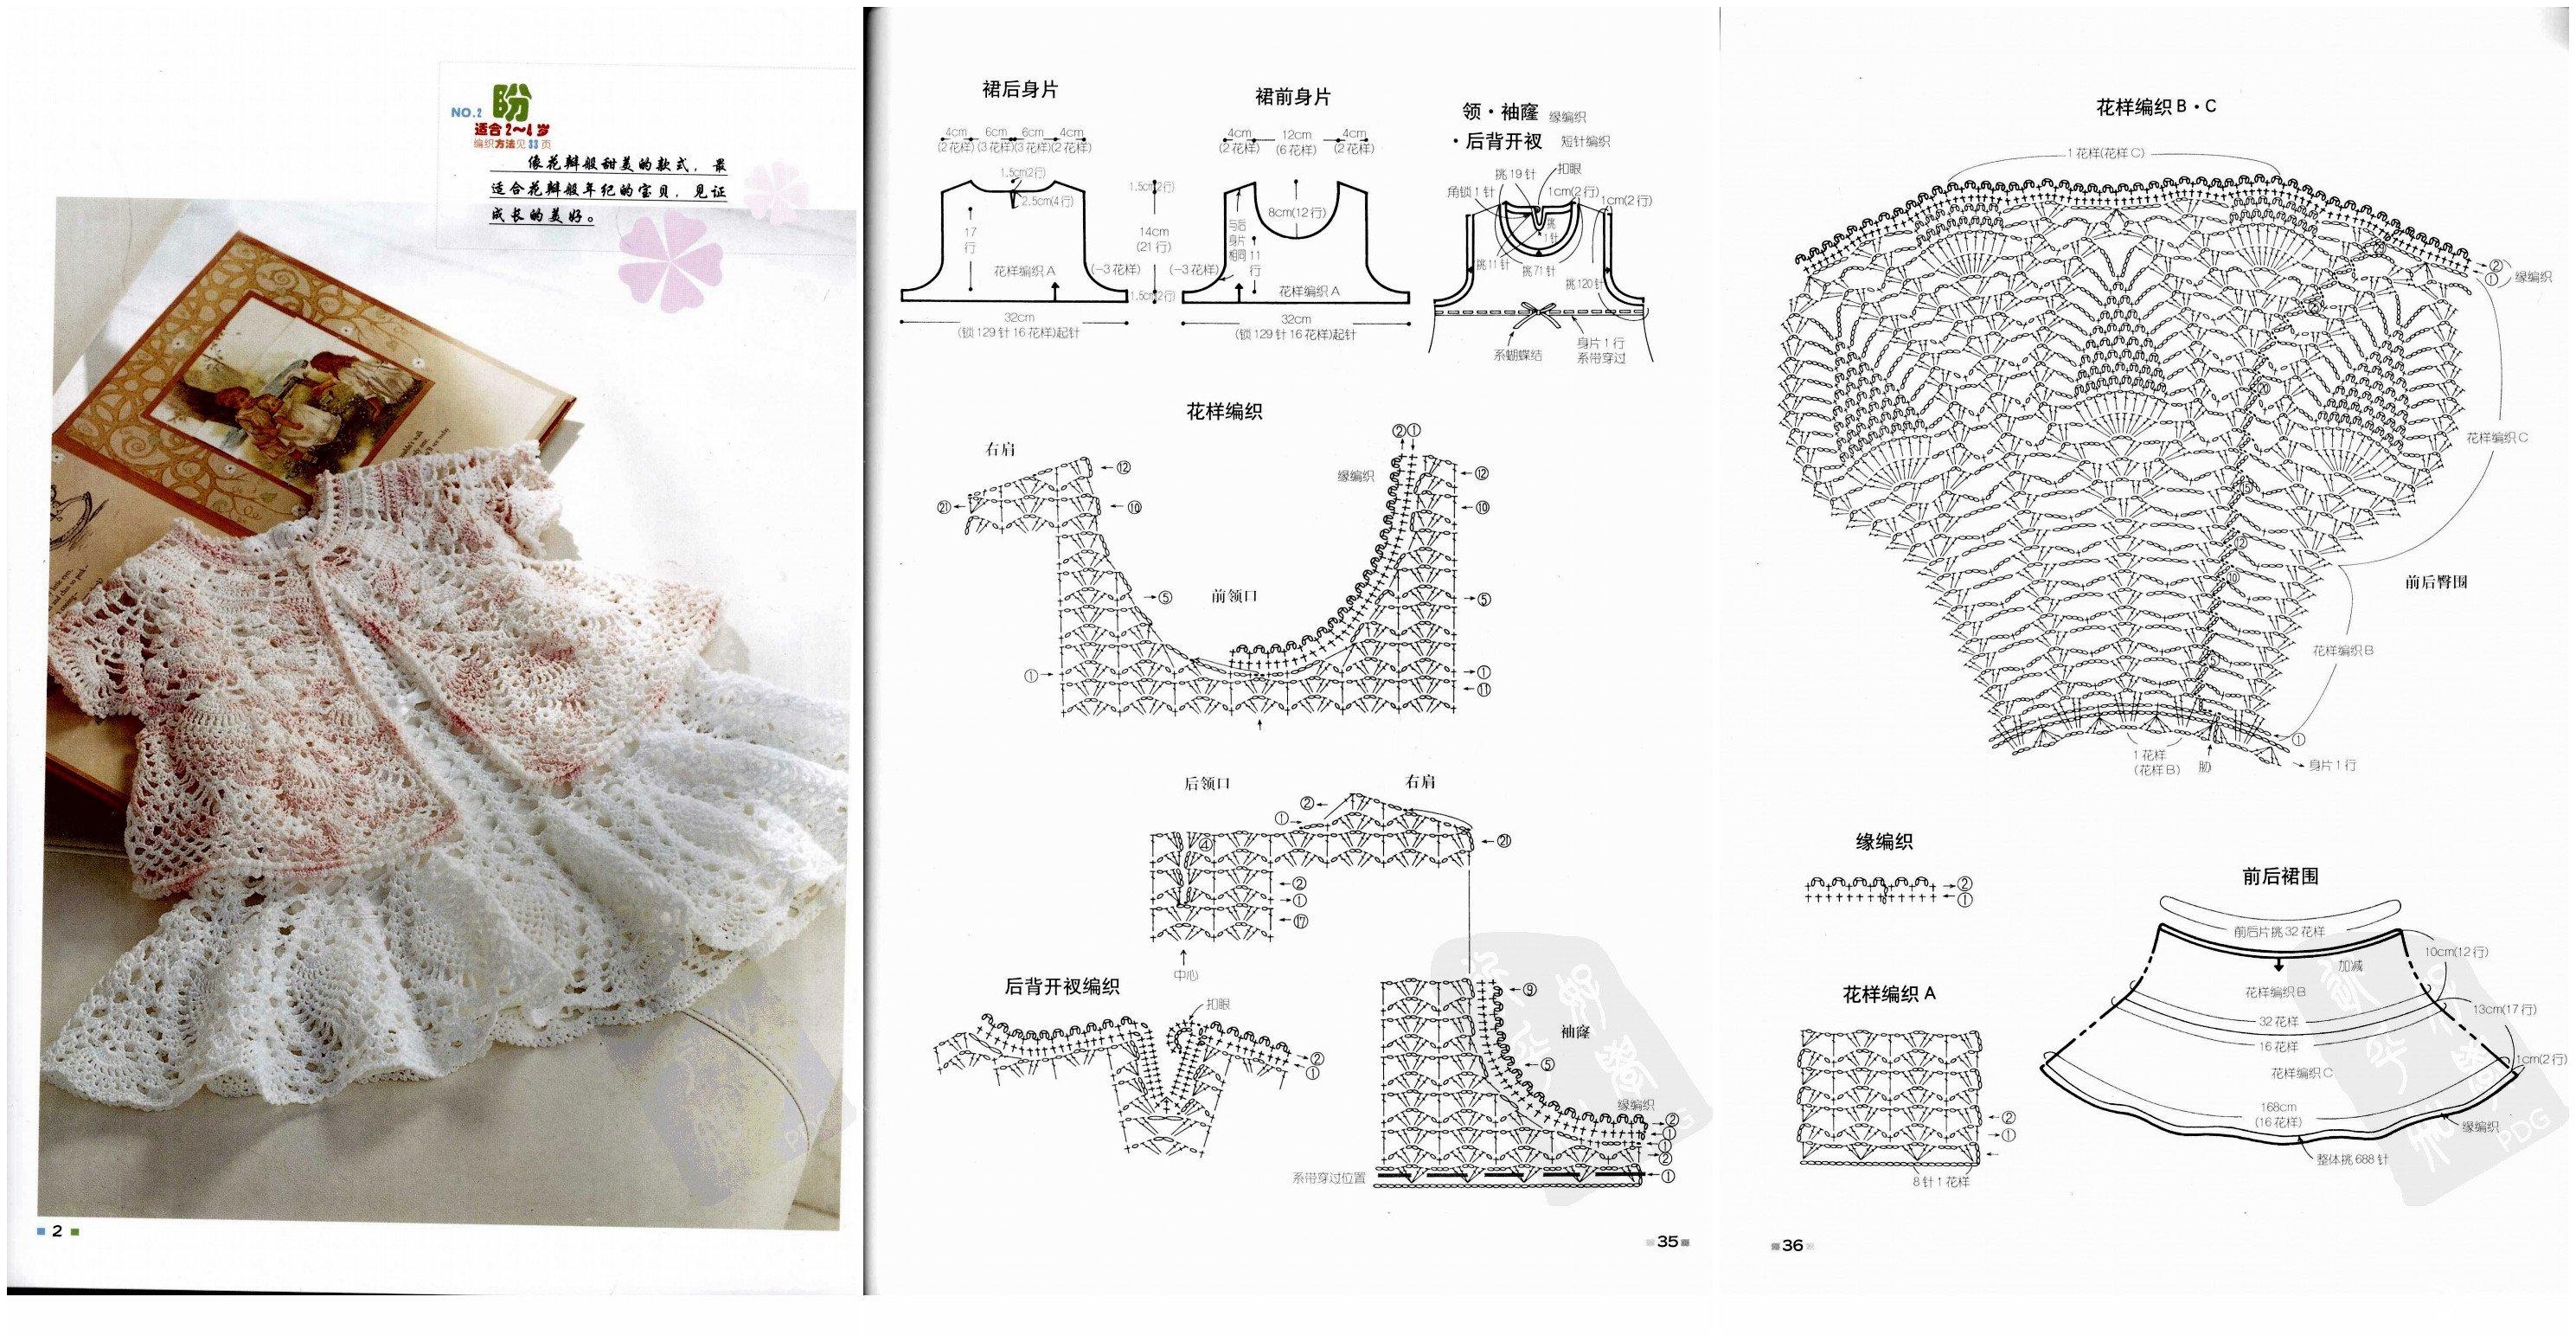 02 菠萝套裙1 裙.jpg